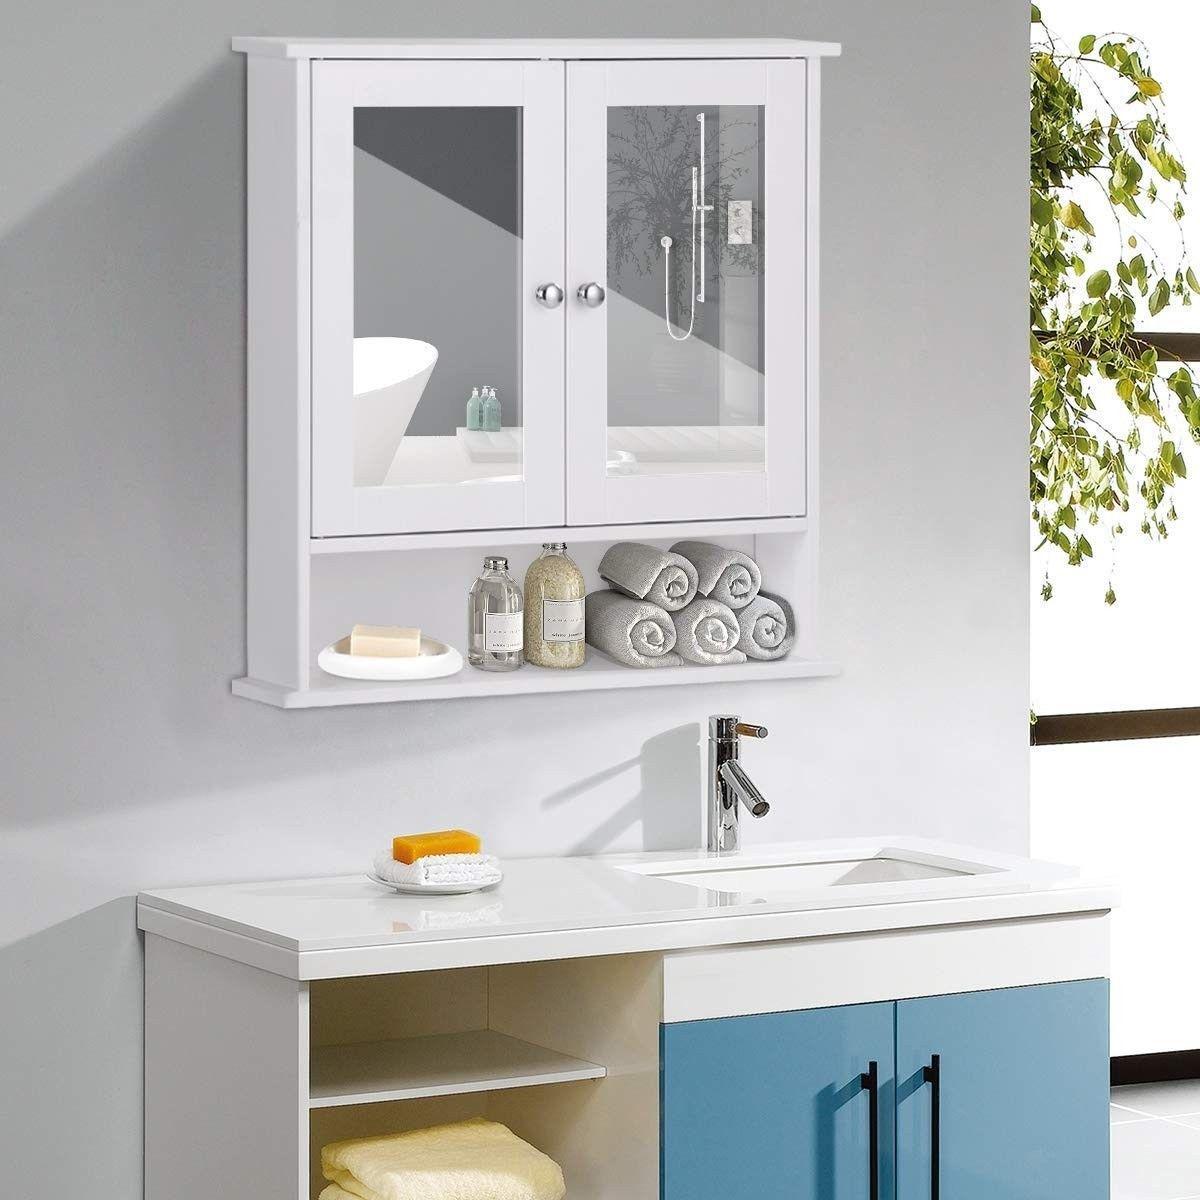 Bathroom Cabinet Home Kitchen Living Room Double Mirror Door Wall Mount Storage